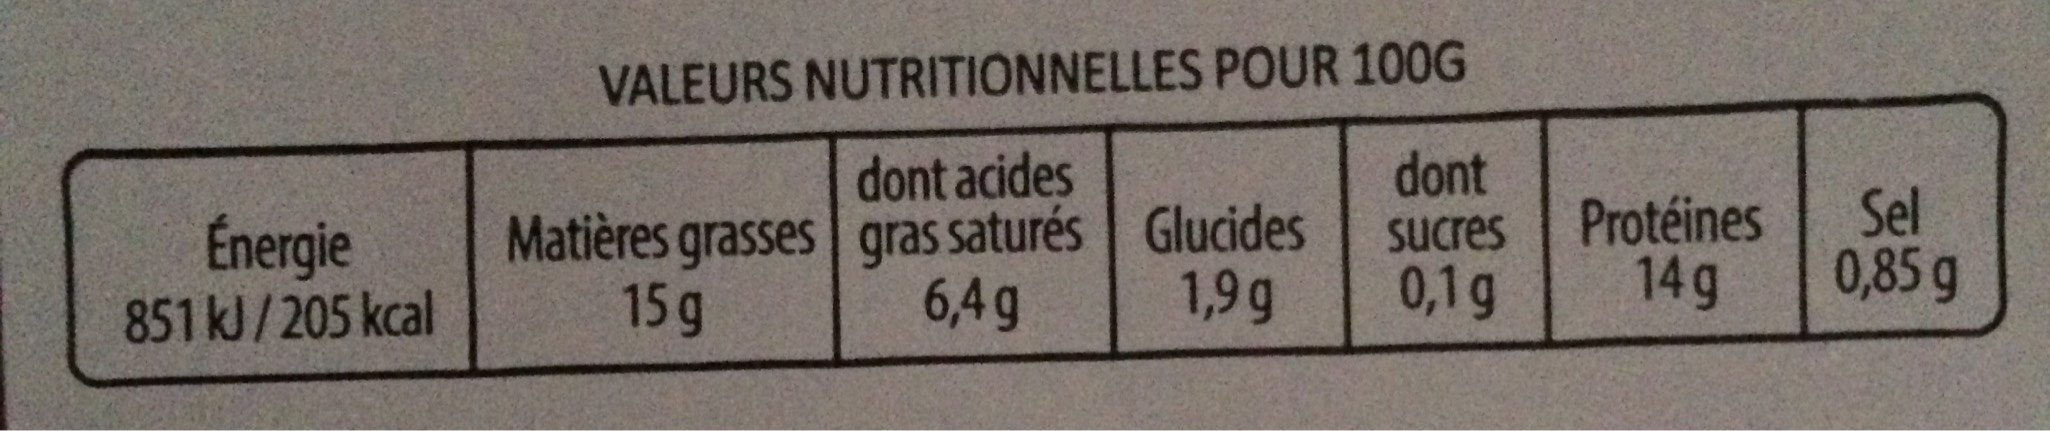 Haché au boeuf - Nutrition facts